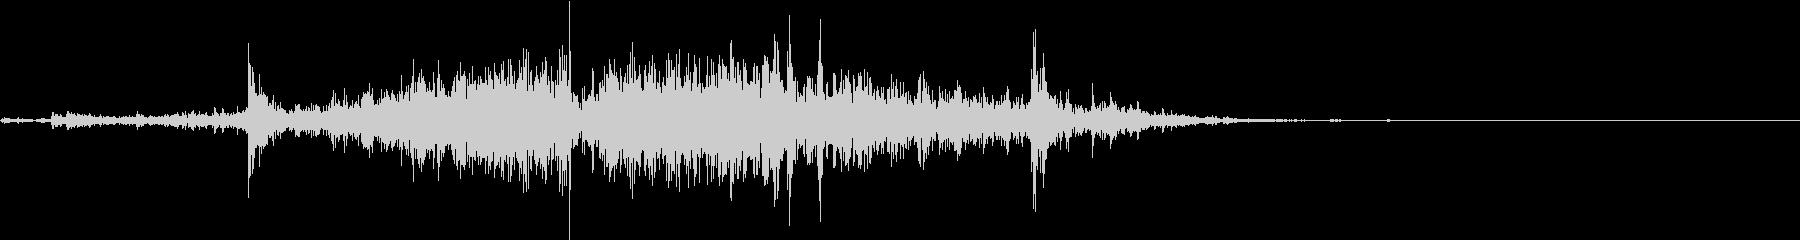 【生録音】カーテンの開閉音 2の未再生の波形